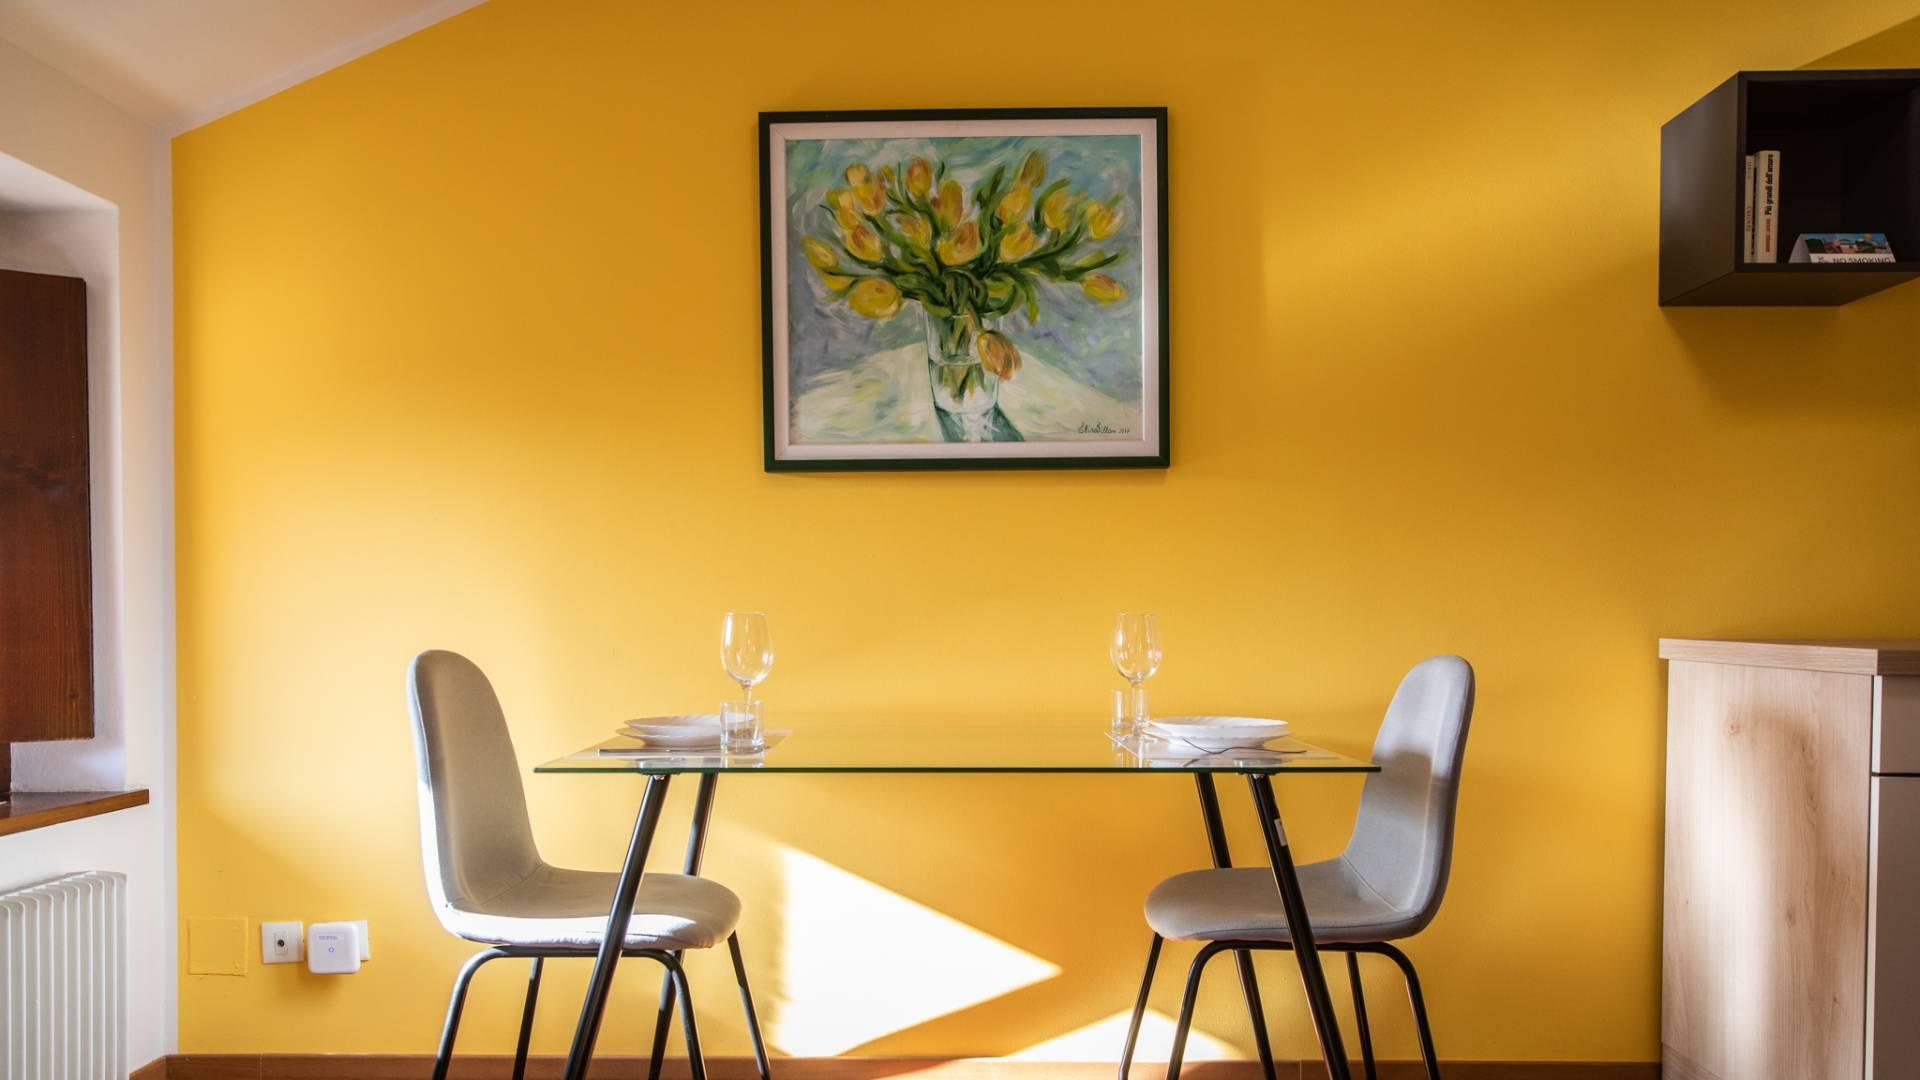 Appartamento in affitto a Udine, 2 locali, zona Località: Centrostorico, Trattative riservate | CambioCasa.it